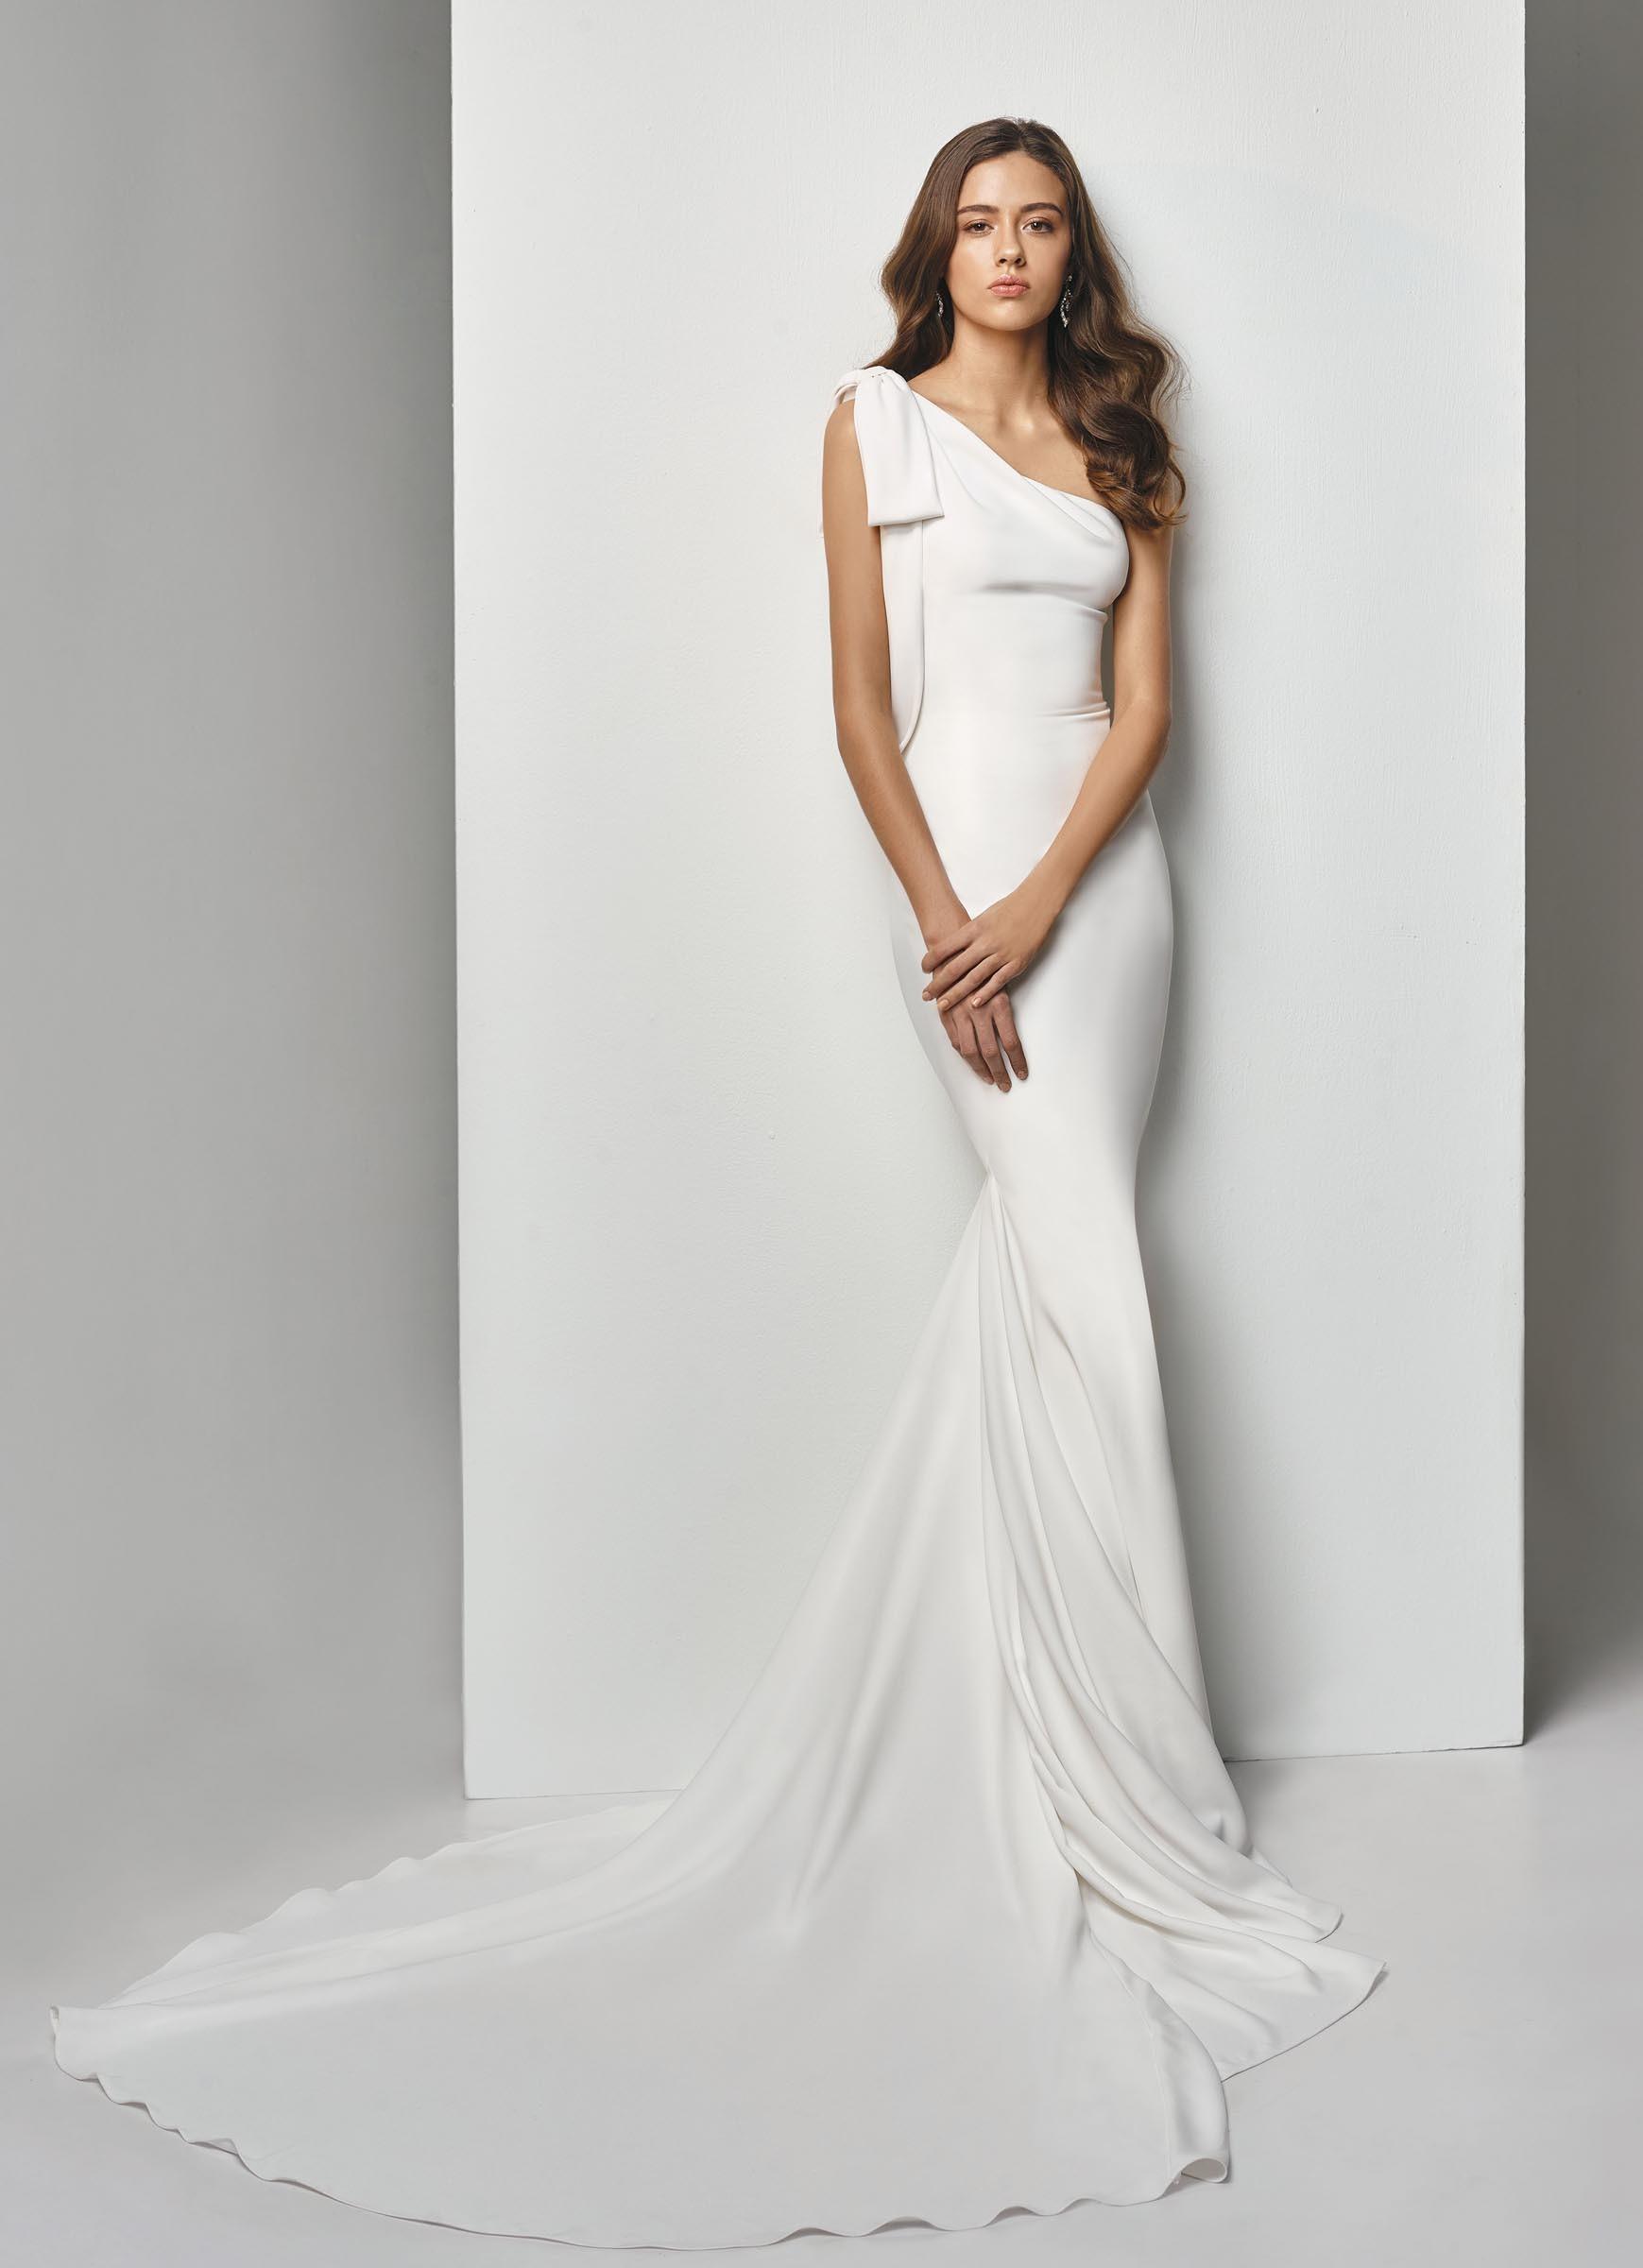 Die Schonsten Brautkleider Und Hochzeits Trends 2019